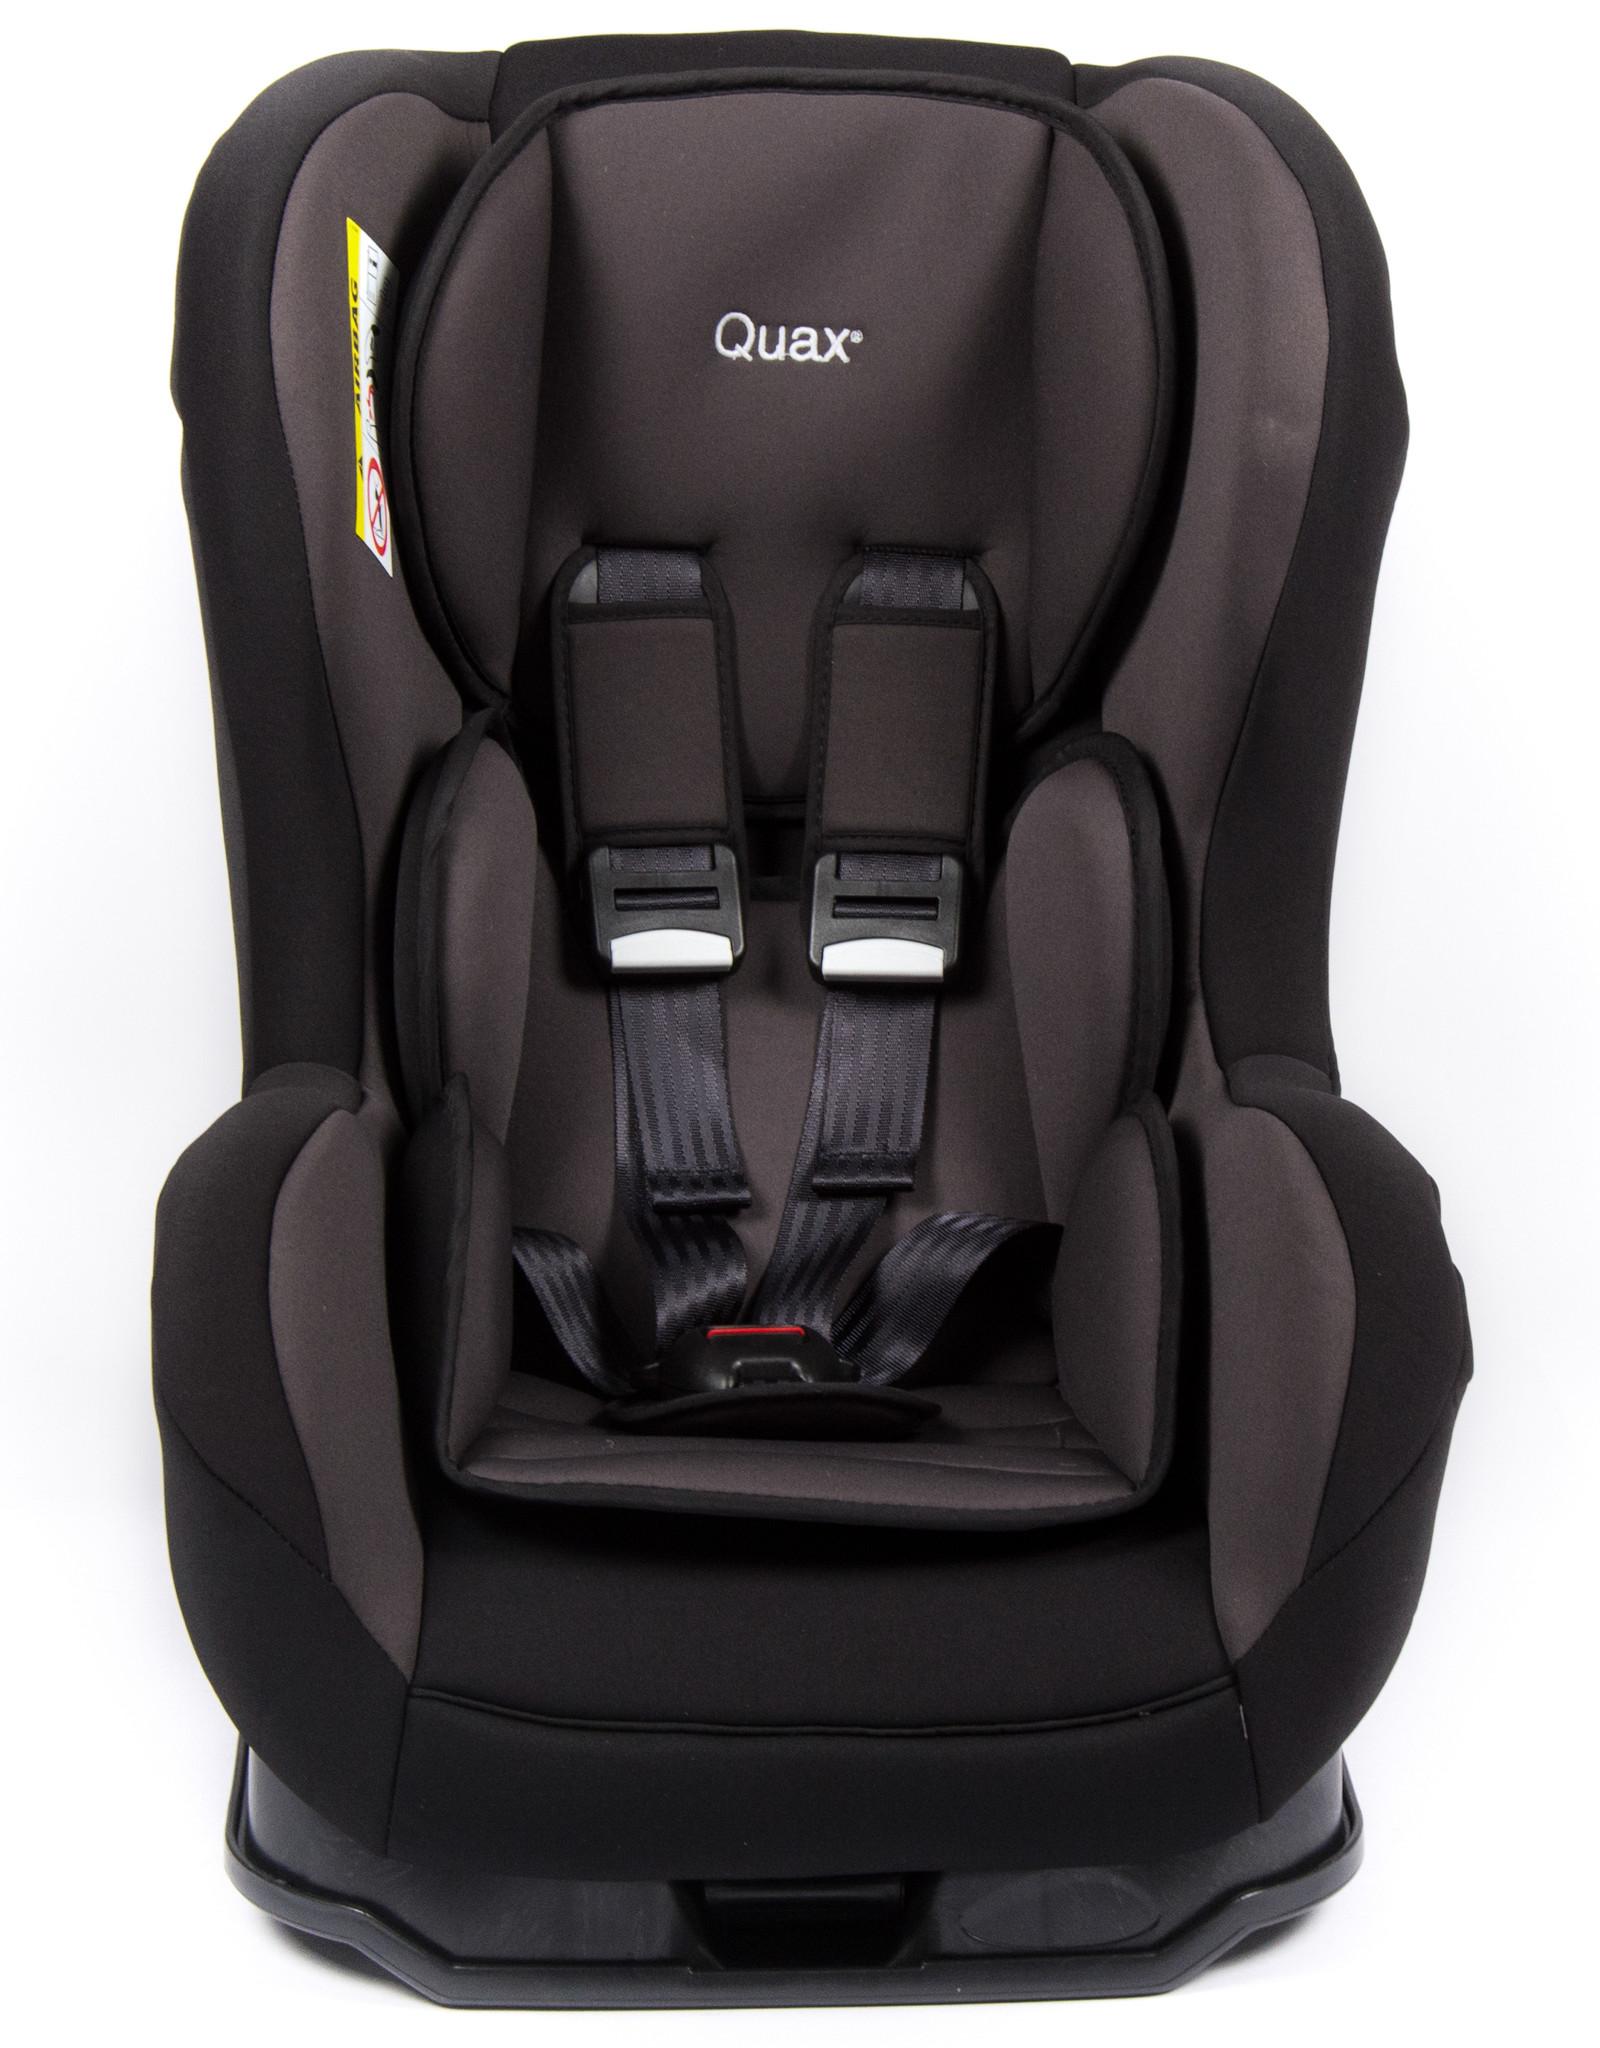 Quax Cosmo - Zwart - Groep 0/1